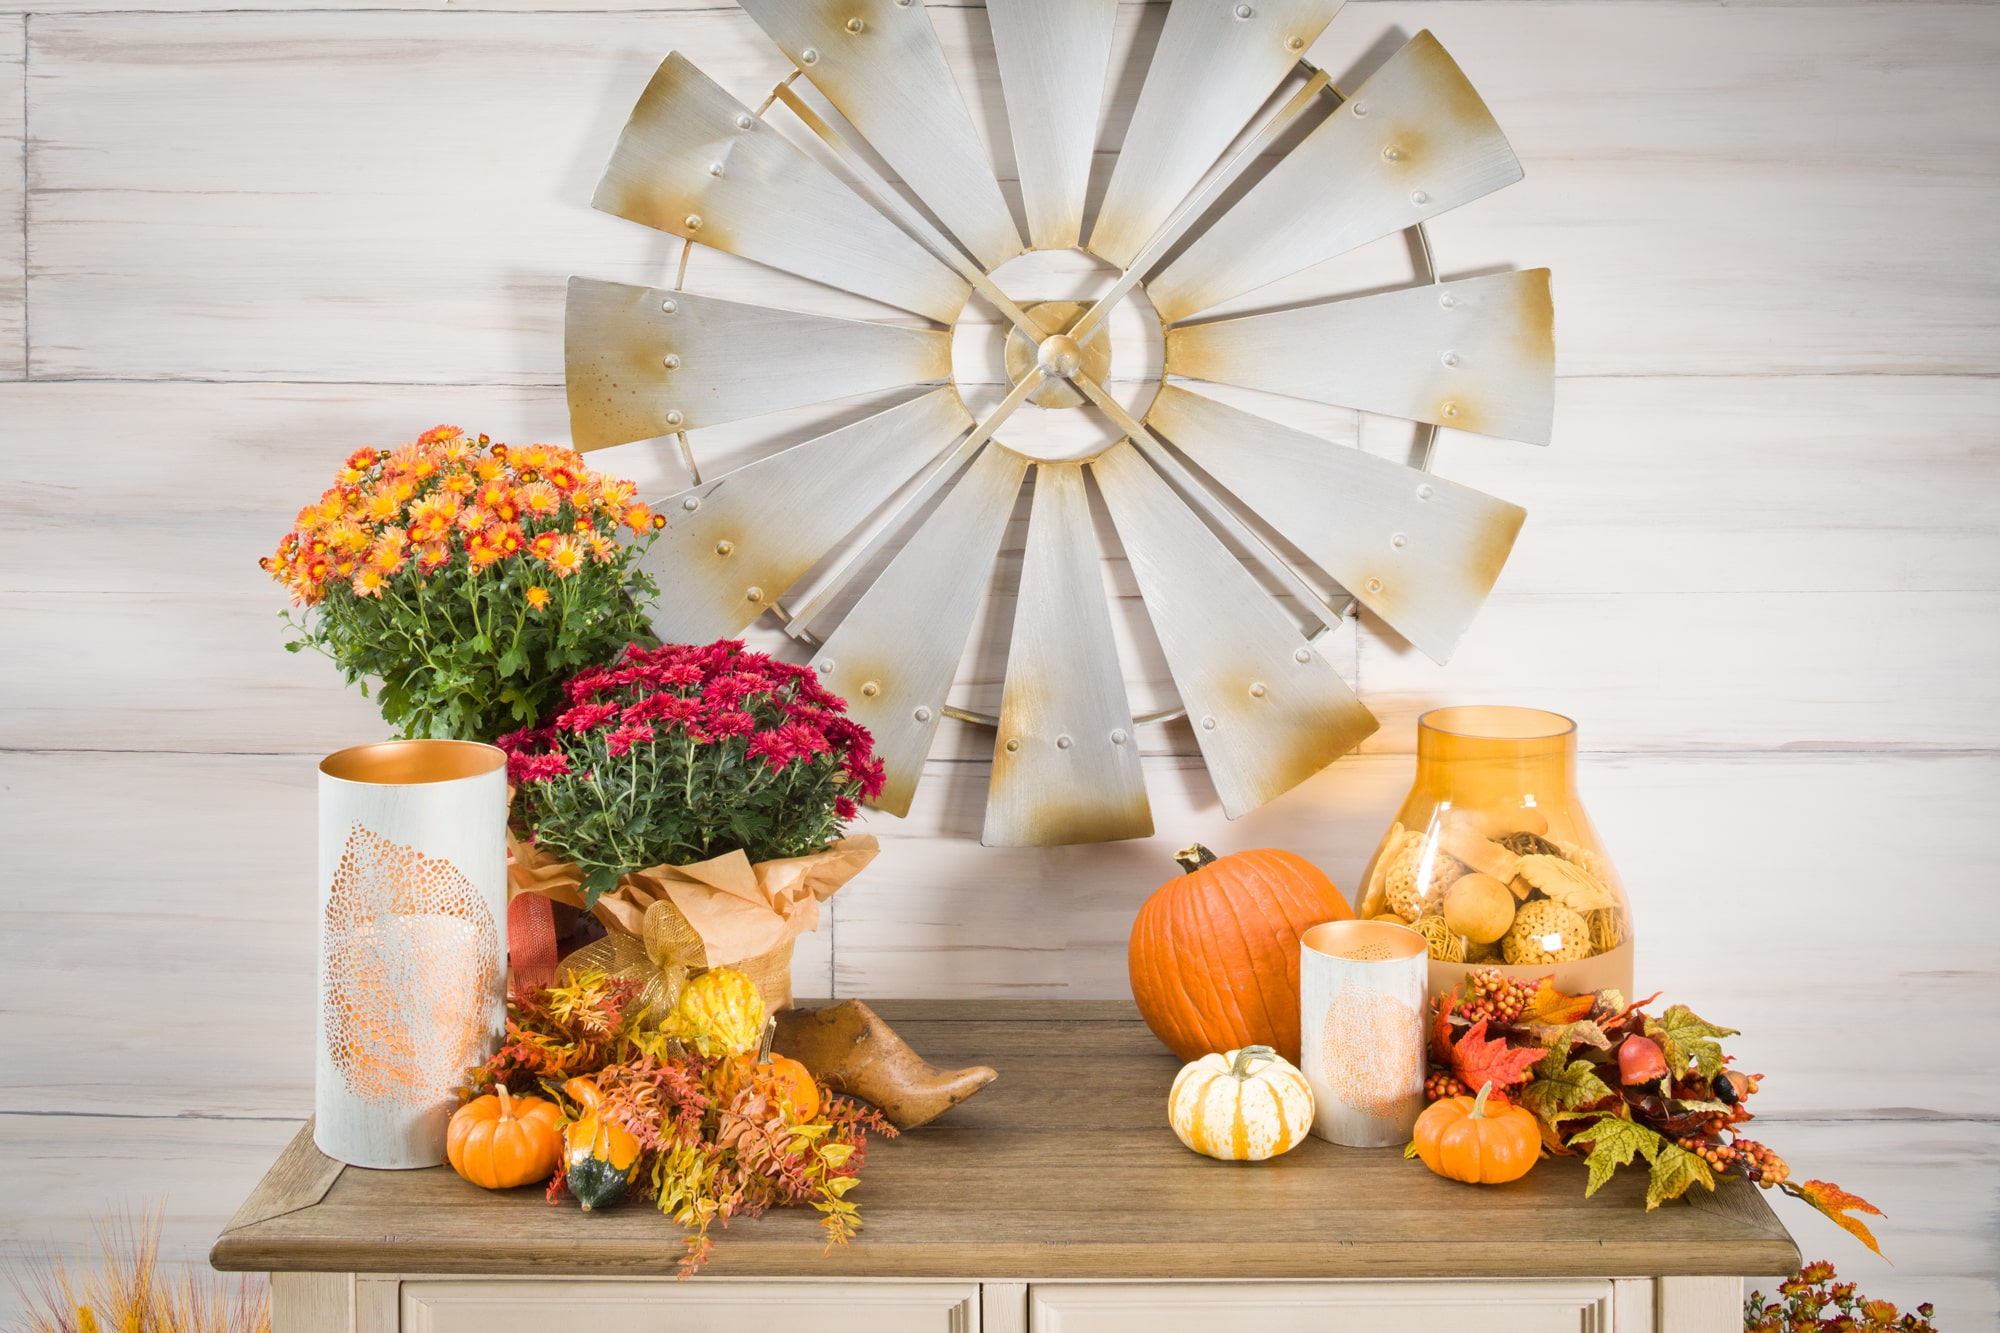 Seasonal flowers and pumpkins